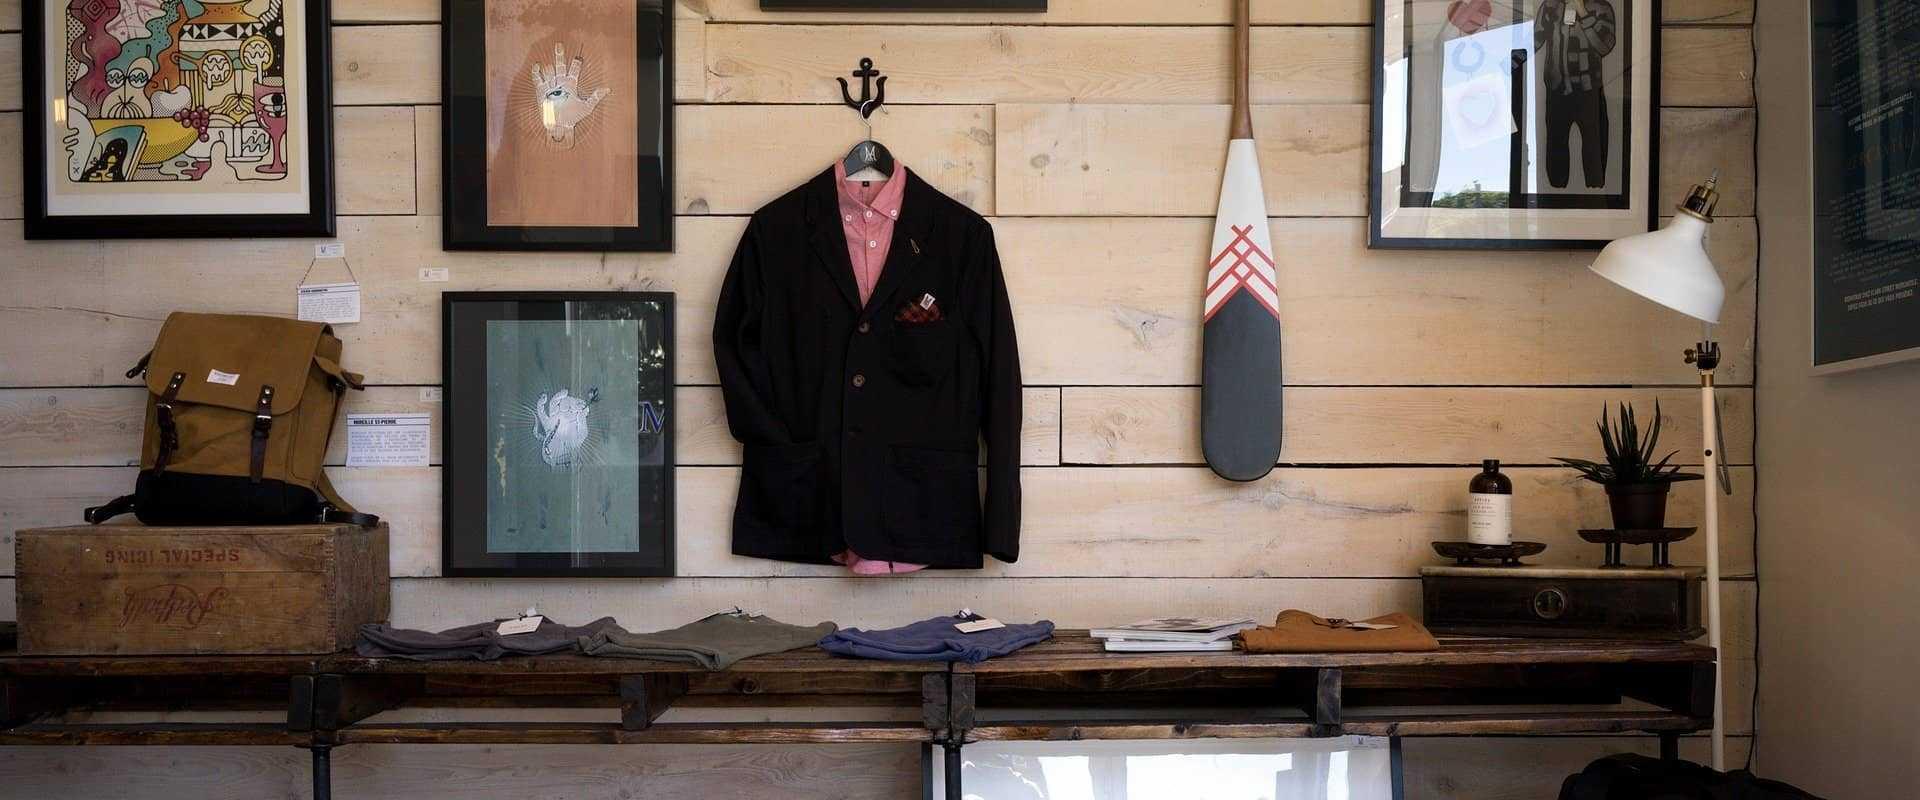 POS App für Mode Einzelhandel